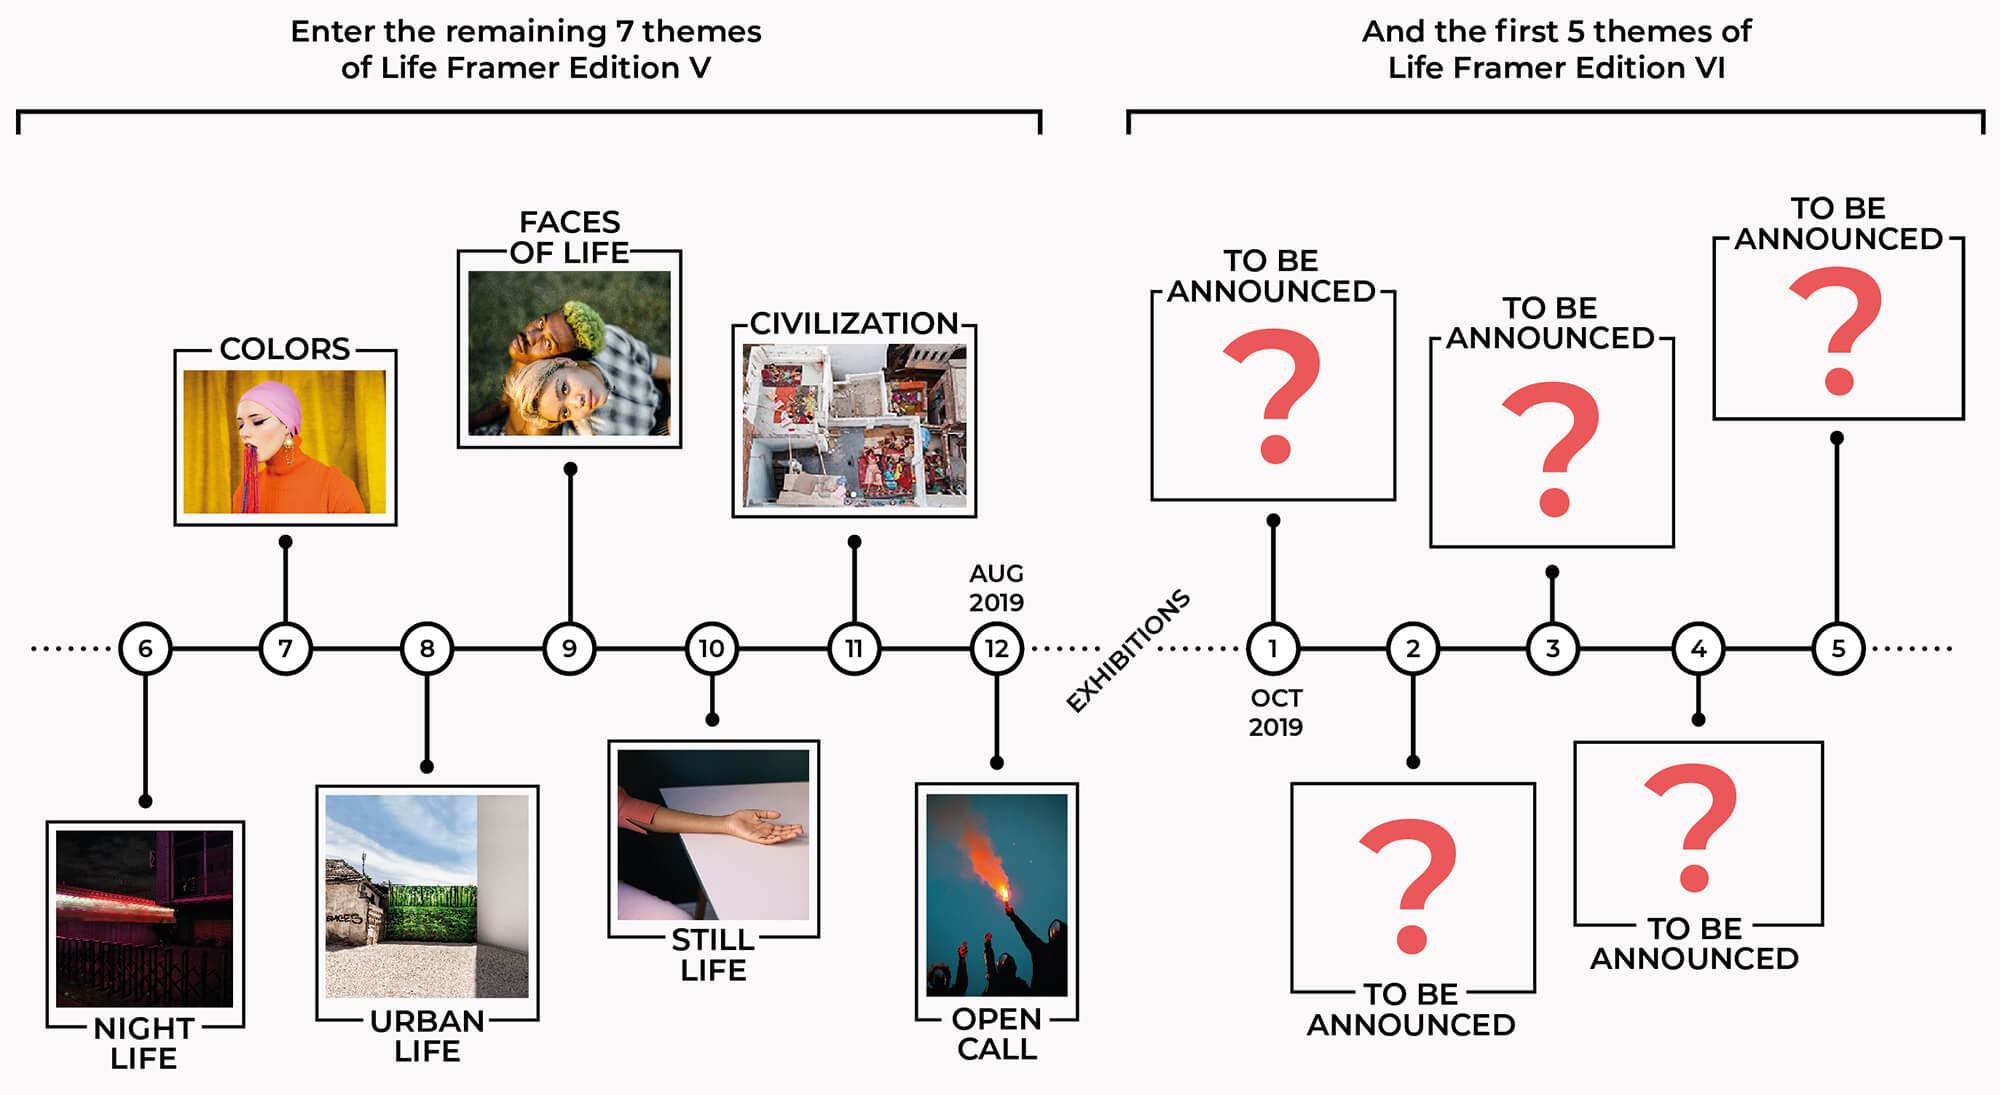 Life-Framer-Themes-February-2019 - Life Framer